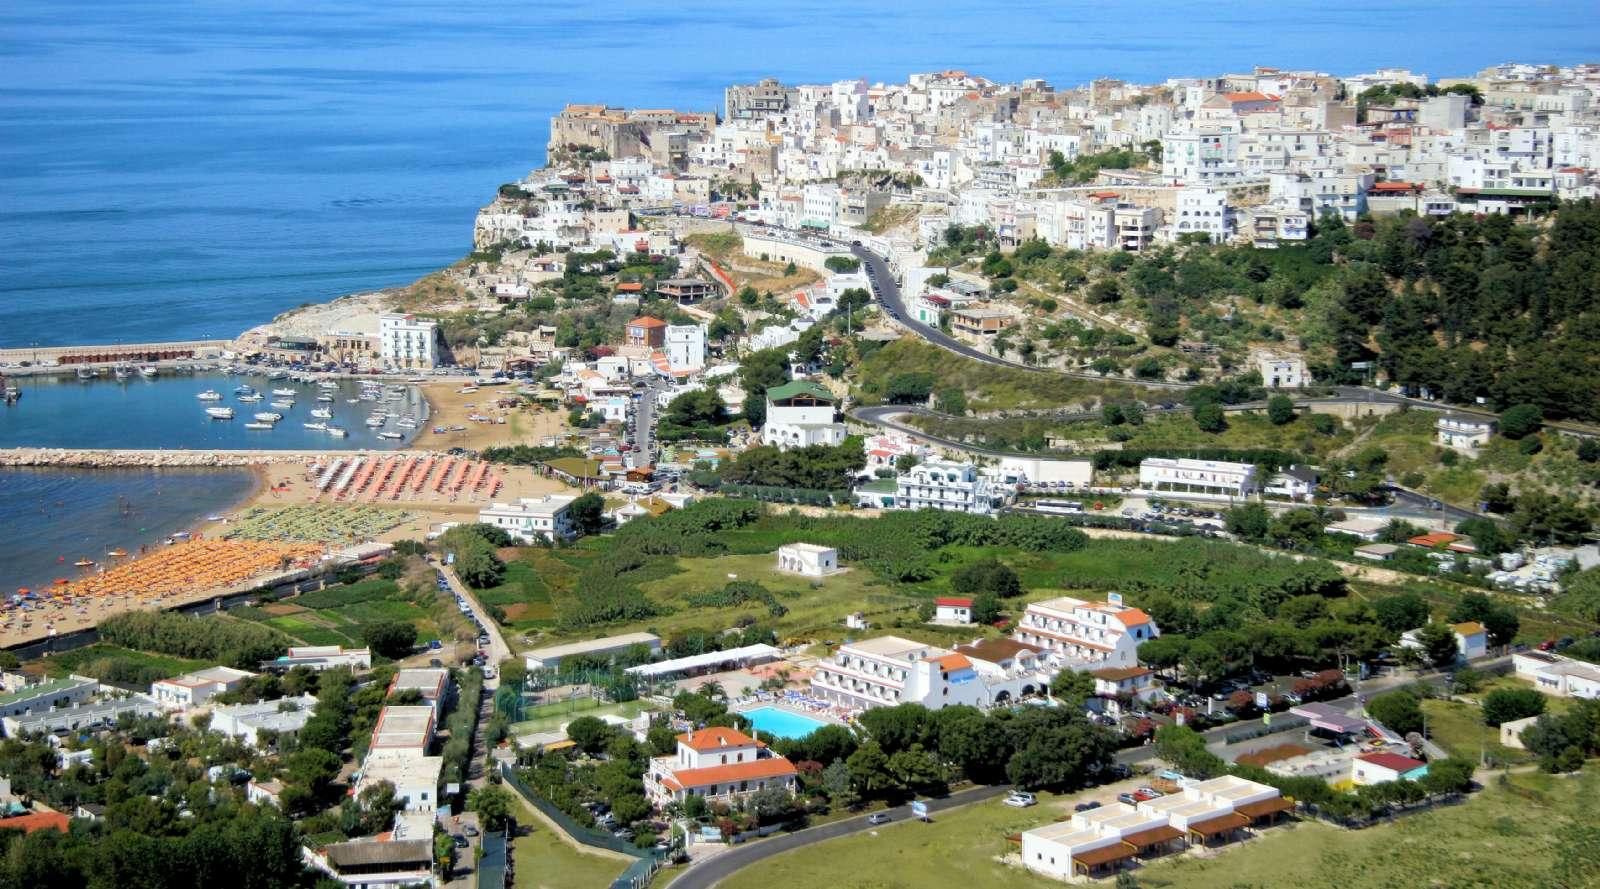 Hotel D'Amato befindet sich in der Mitte des Swimmingpool-Bereichs